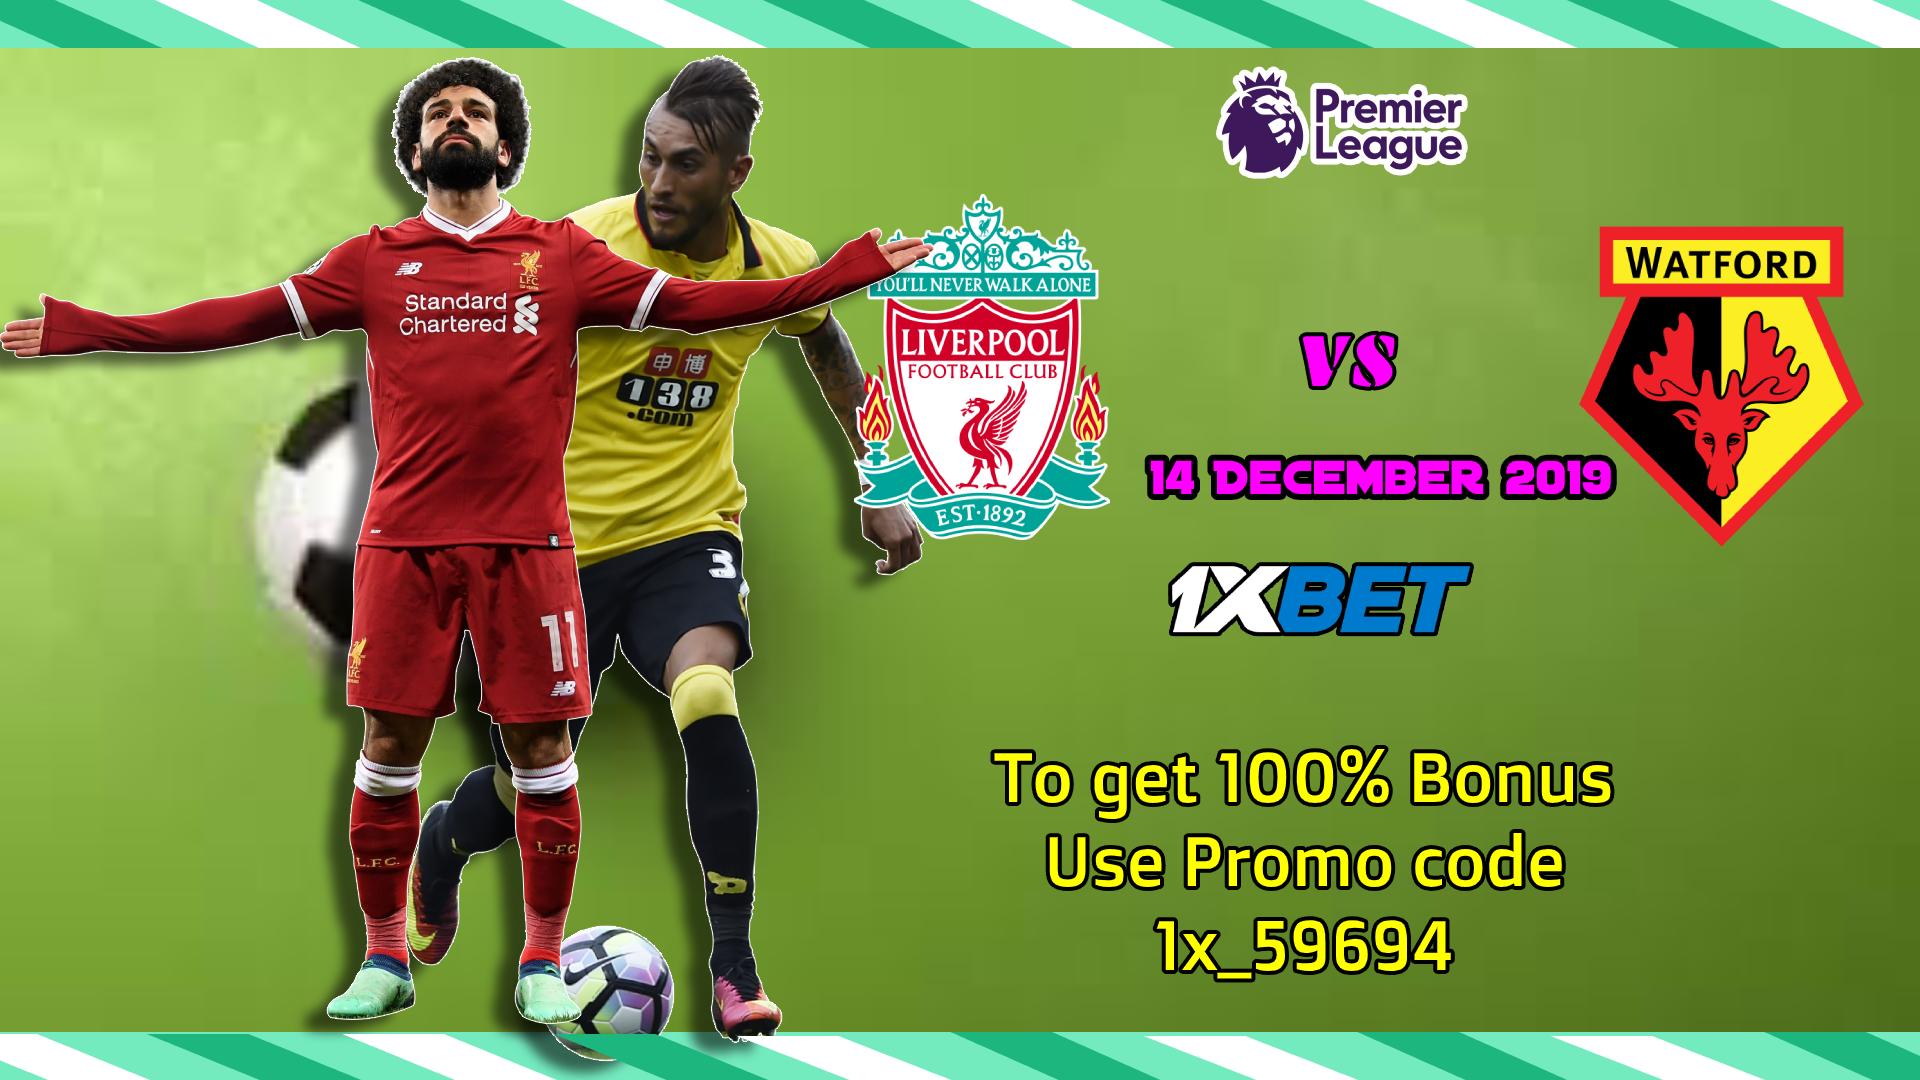 লিভারপুল (Liverpool) বনাম ওয়াটফোর্ড (Watford): ইংল্যান্ড - প্রিমিয়ার লিগ - Bengla Sport